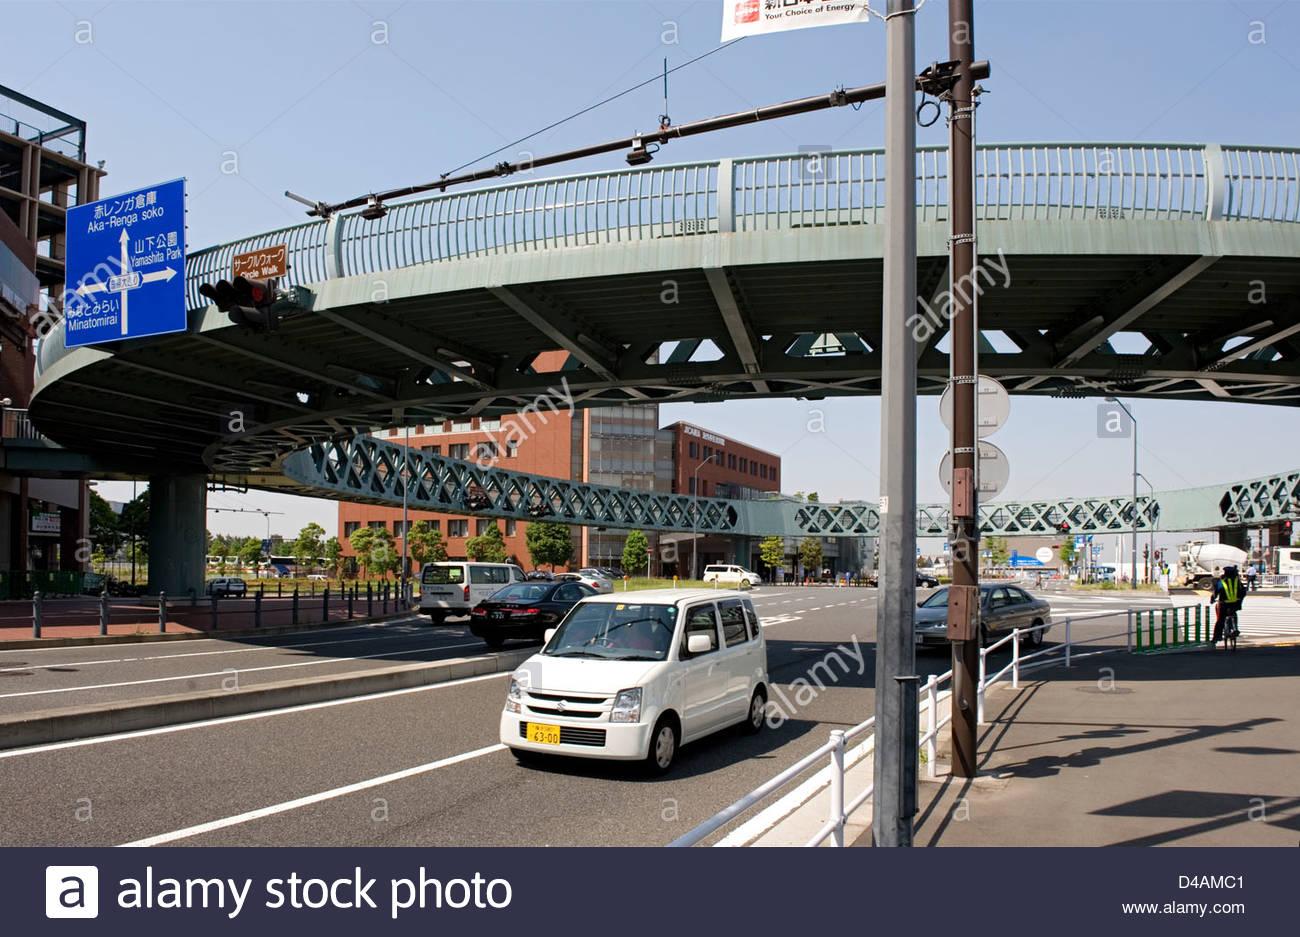 สะพานลอย ภาษาอังกฤษเรียกว่าอะไร